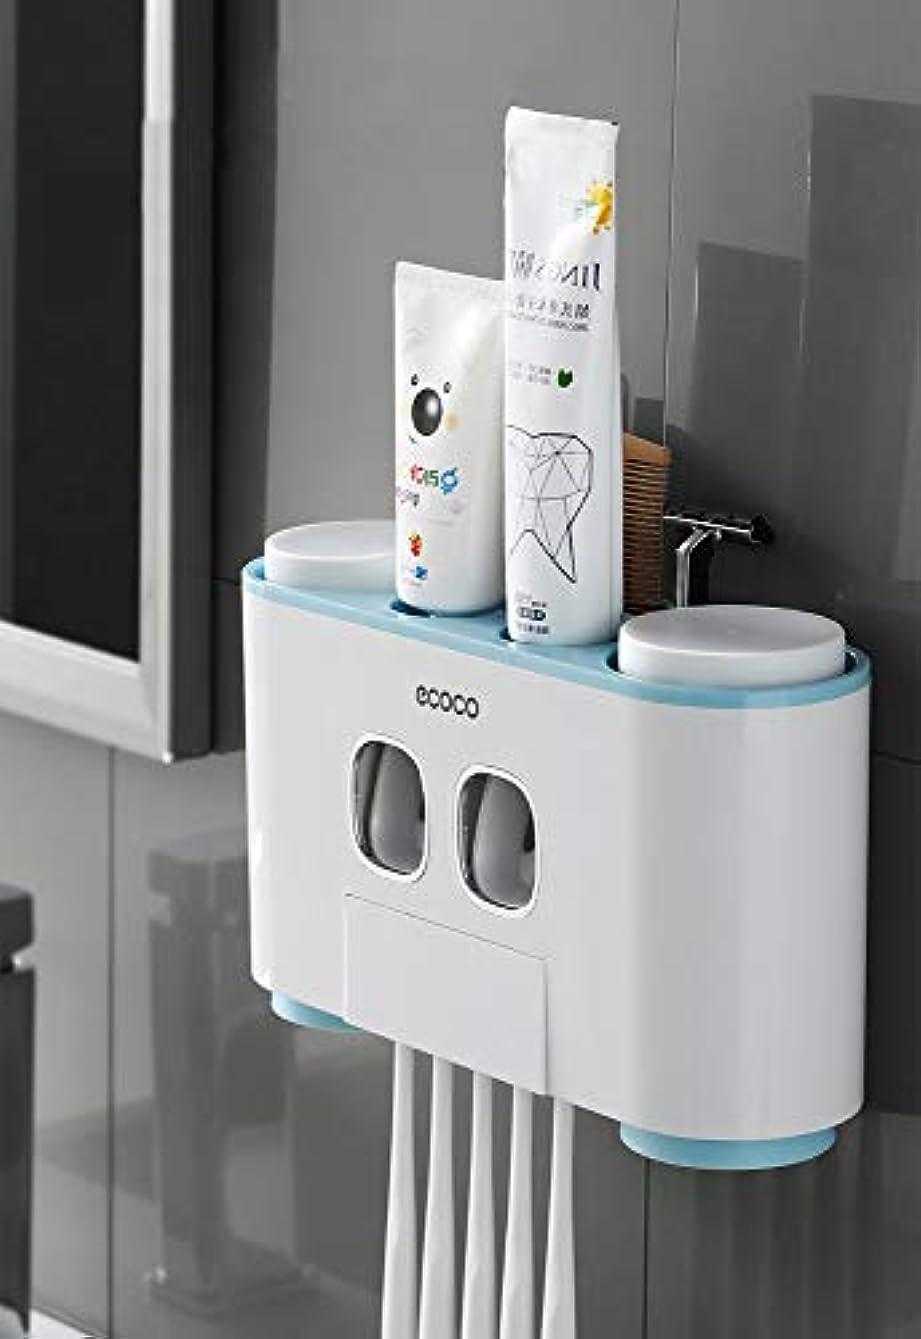 スペシャリスト若者うぬぼれ自動歯磨き粉ホルダー洗浄カップ歯ブラシホルダーセット歯ブラシぶら下げ収納ボックス